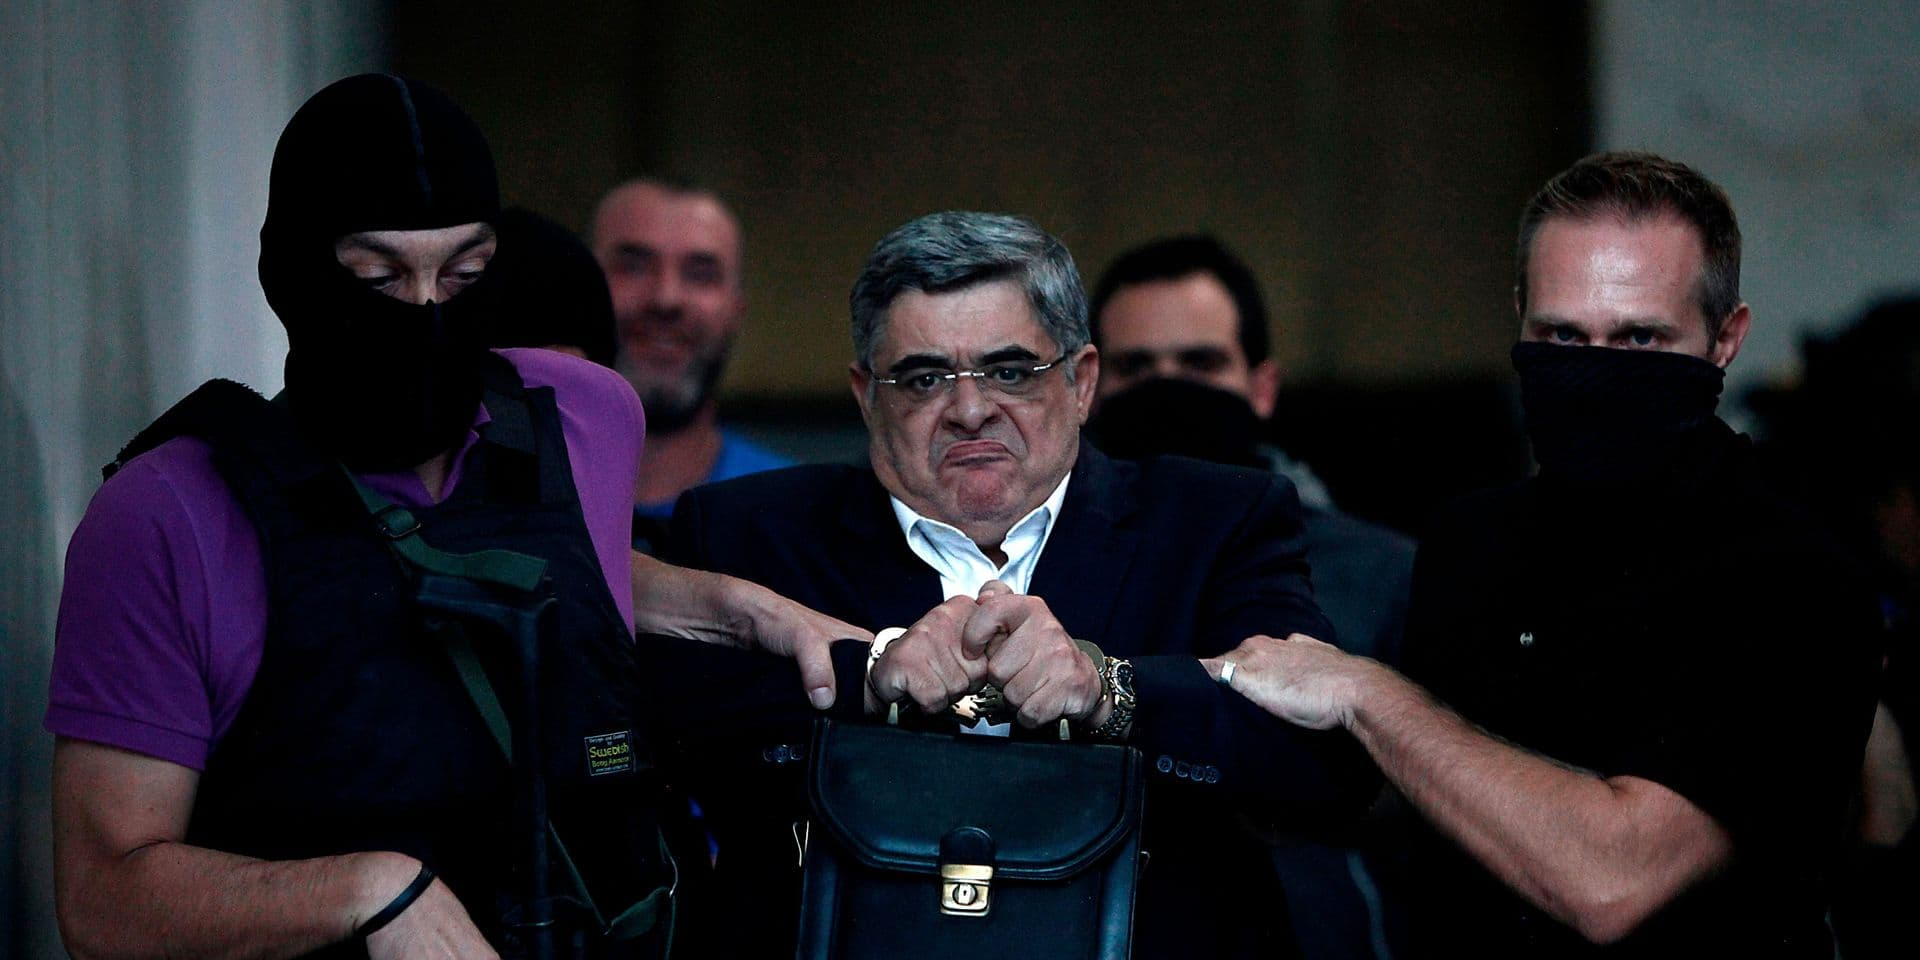 Le chef du parti néonazi grec Aube dorée condamné à 13 ans de prison